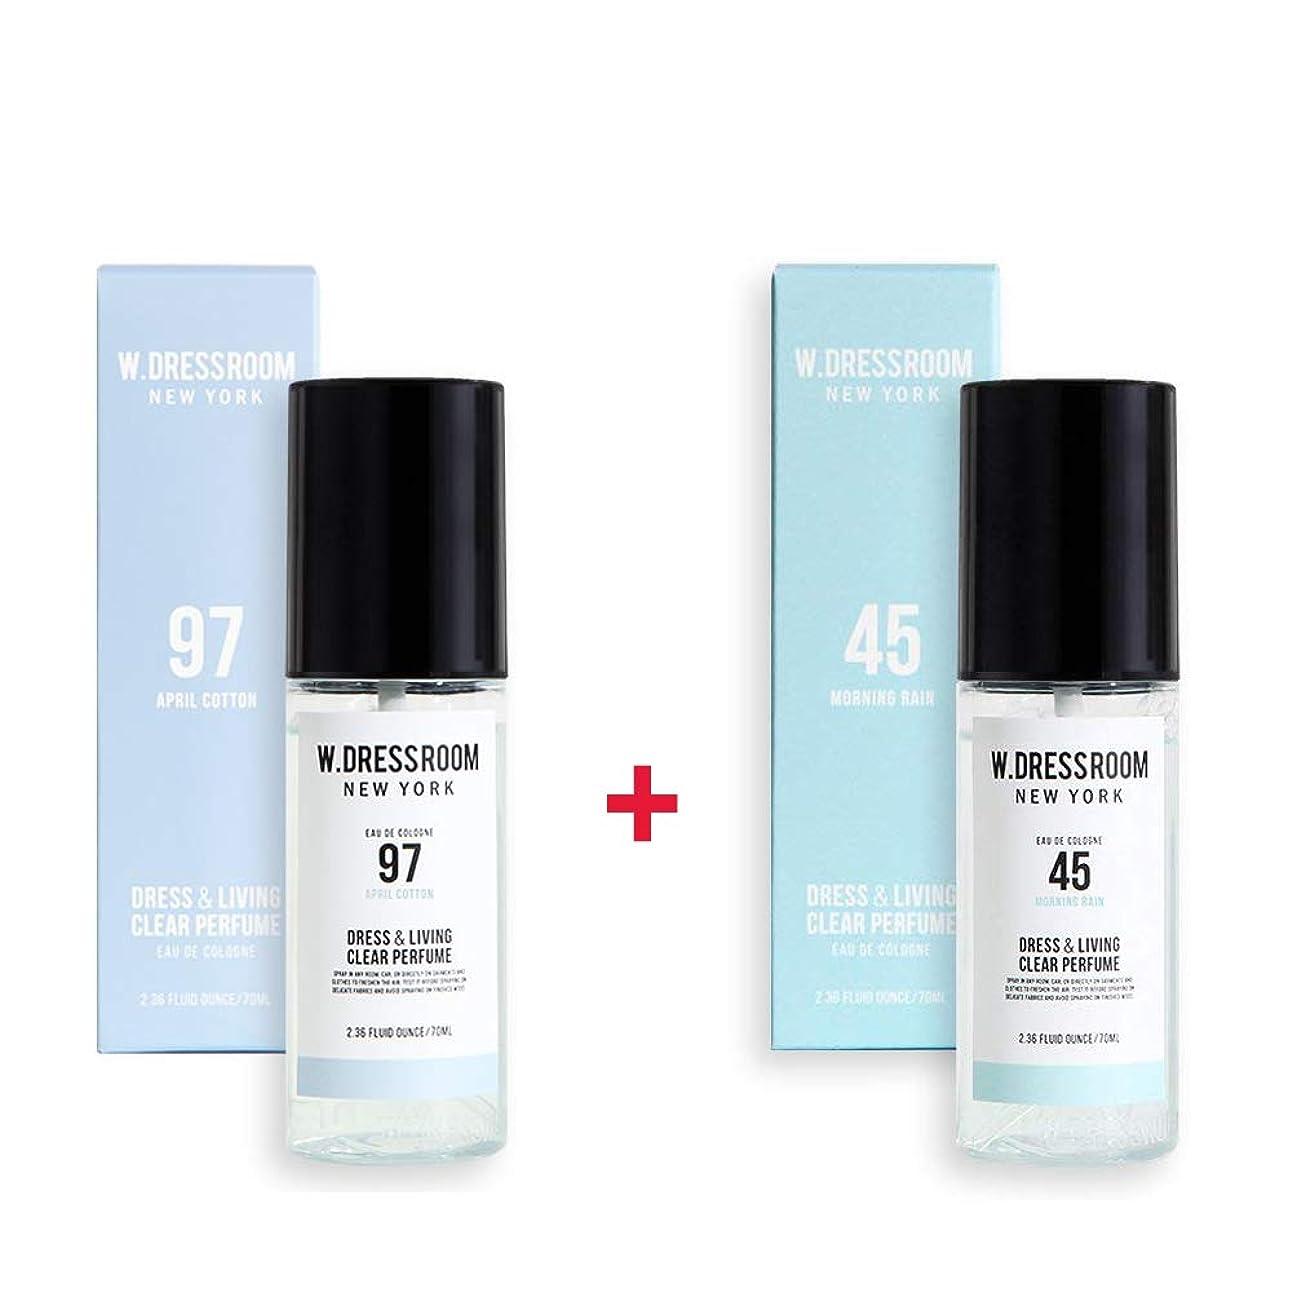 育成悩む膨張するW.DRESSROOM Dress & Living Clear Perfume 70ml (No 97 April Cotton)+(No 45 Morning Rain)